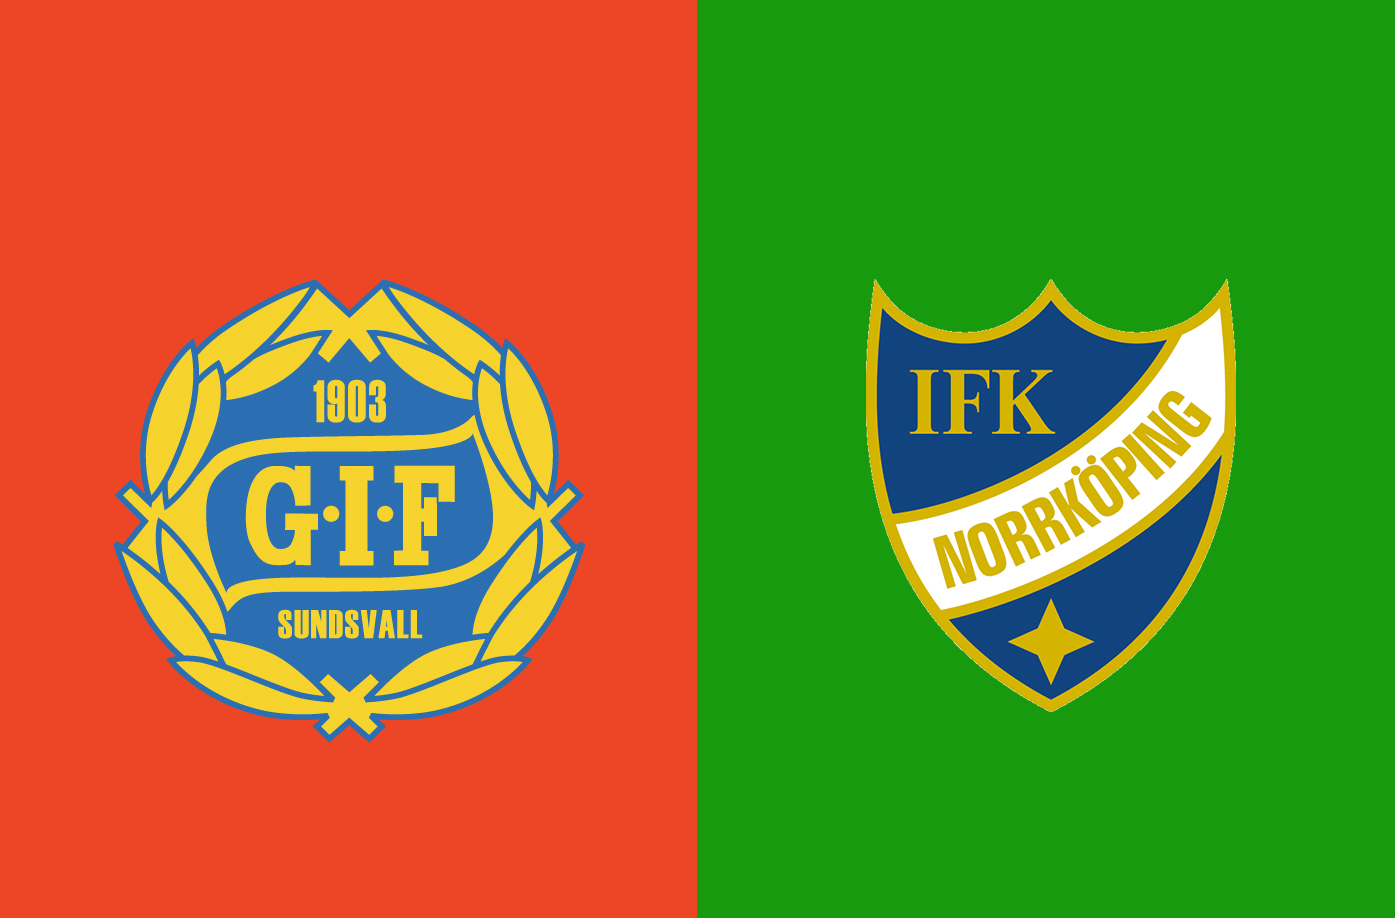 gif-sundsvall-vs-ifk-norrkoping-tip-bong-da-7-8-2018 1